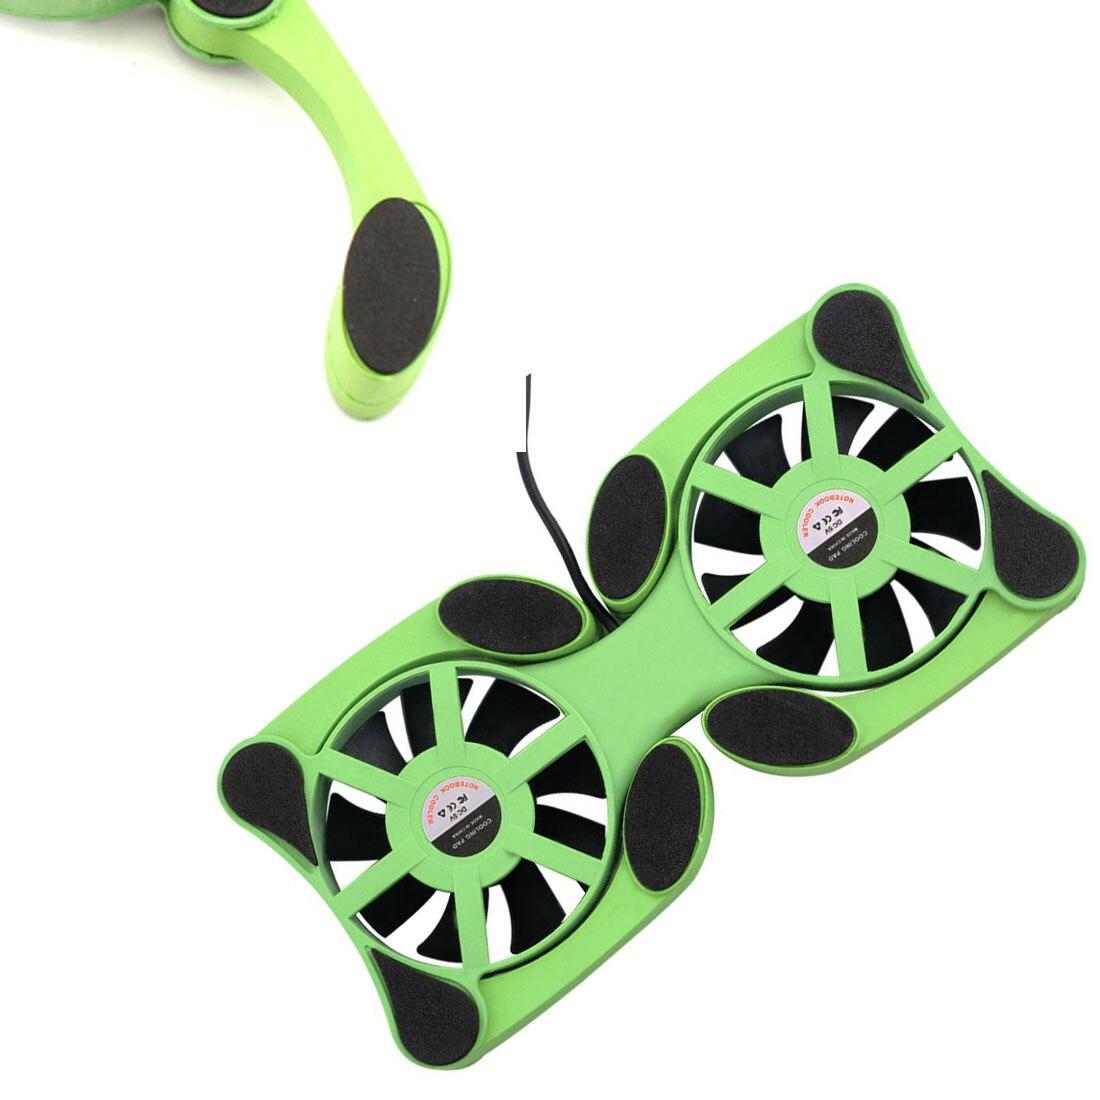 Noyokere 1 шт. USB Порты и разъёмы Мини Осьминог Тетрадь Вентилятор Cooler Охлаждающая подставка для 7-15 дюймов ноутбука